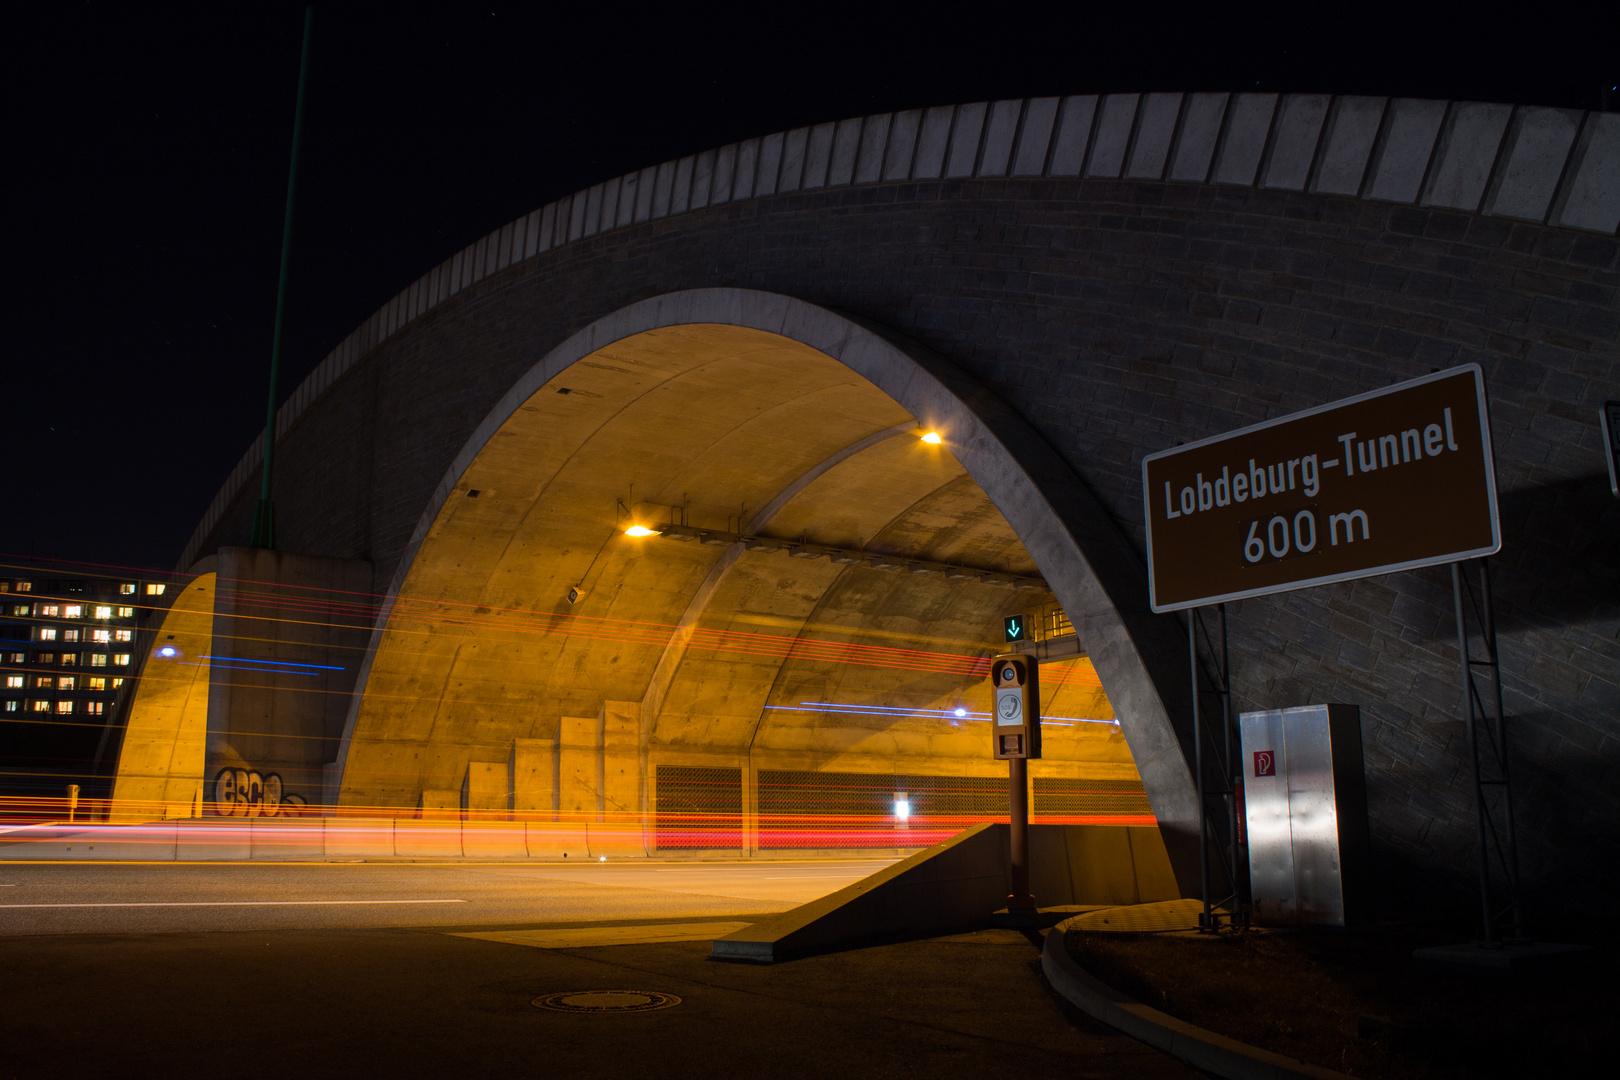 Lobdeburgtunnel bei Nacht